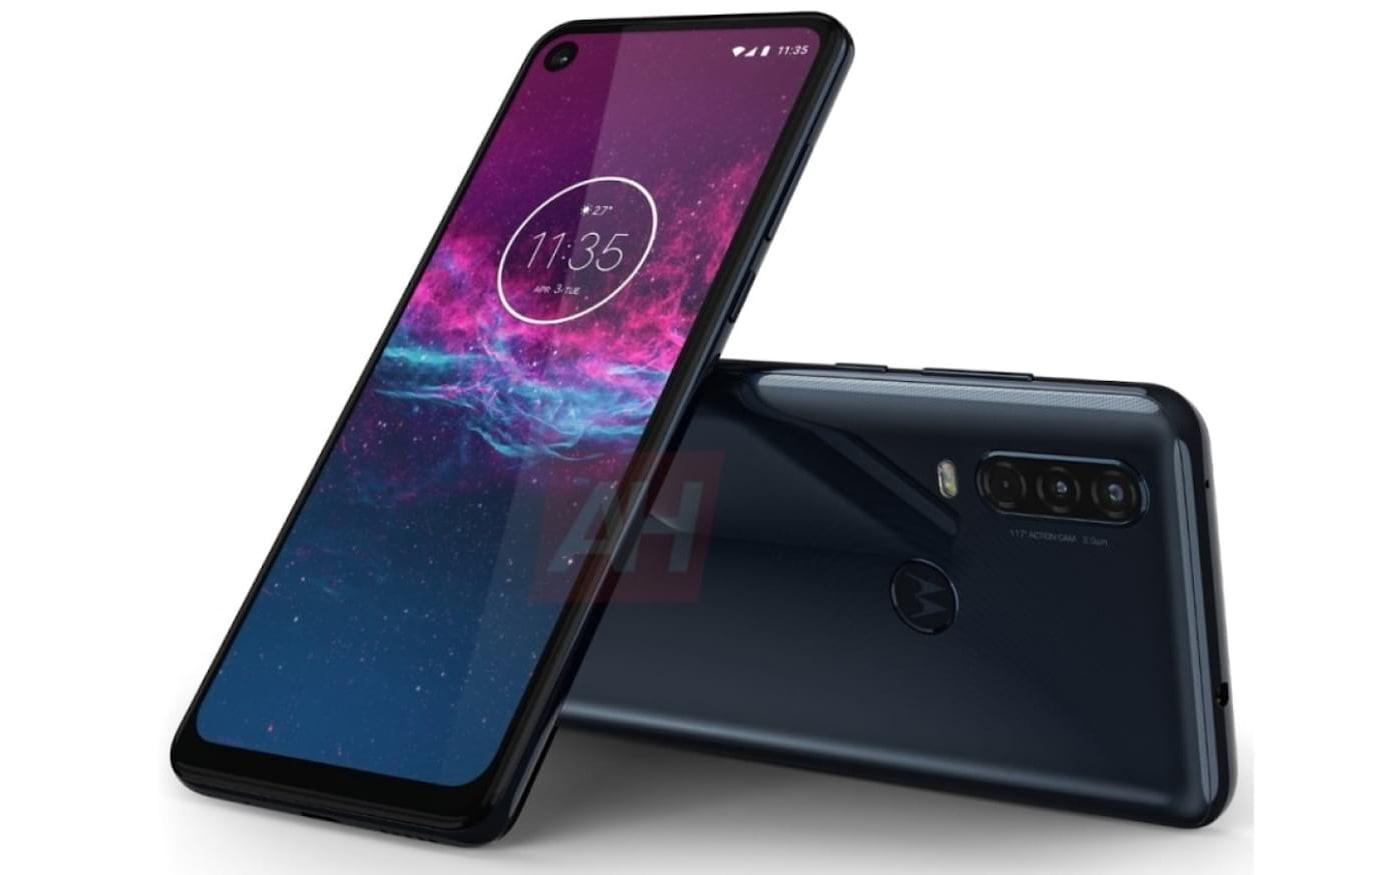 Renderizações oficiais do smartphone Motorola One Action são vazadas